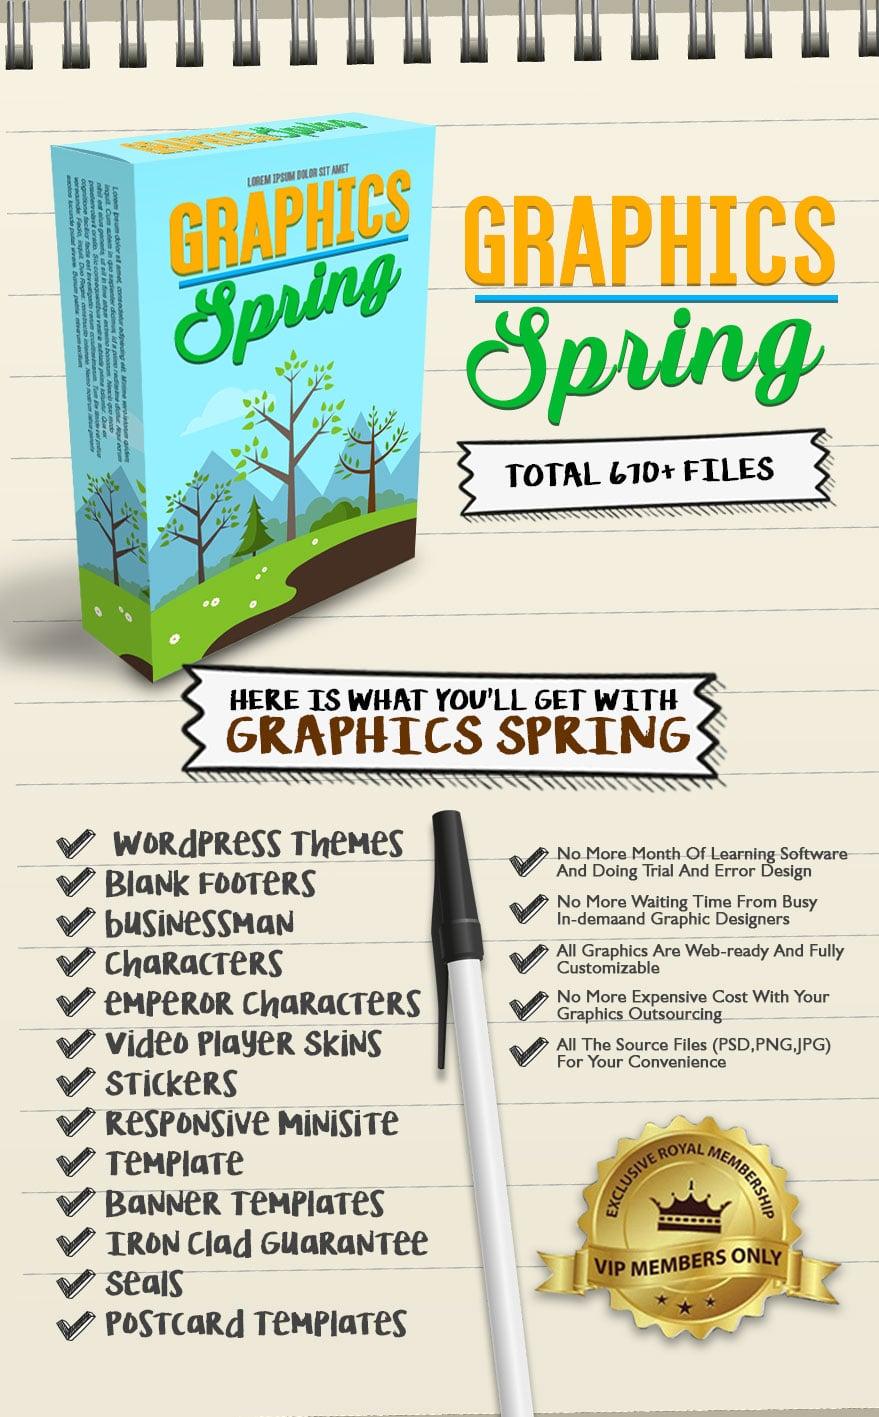 Exclusive Bonus Graphics Spring